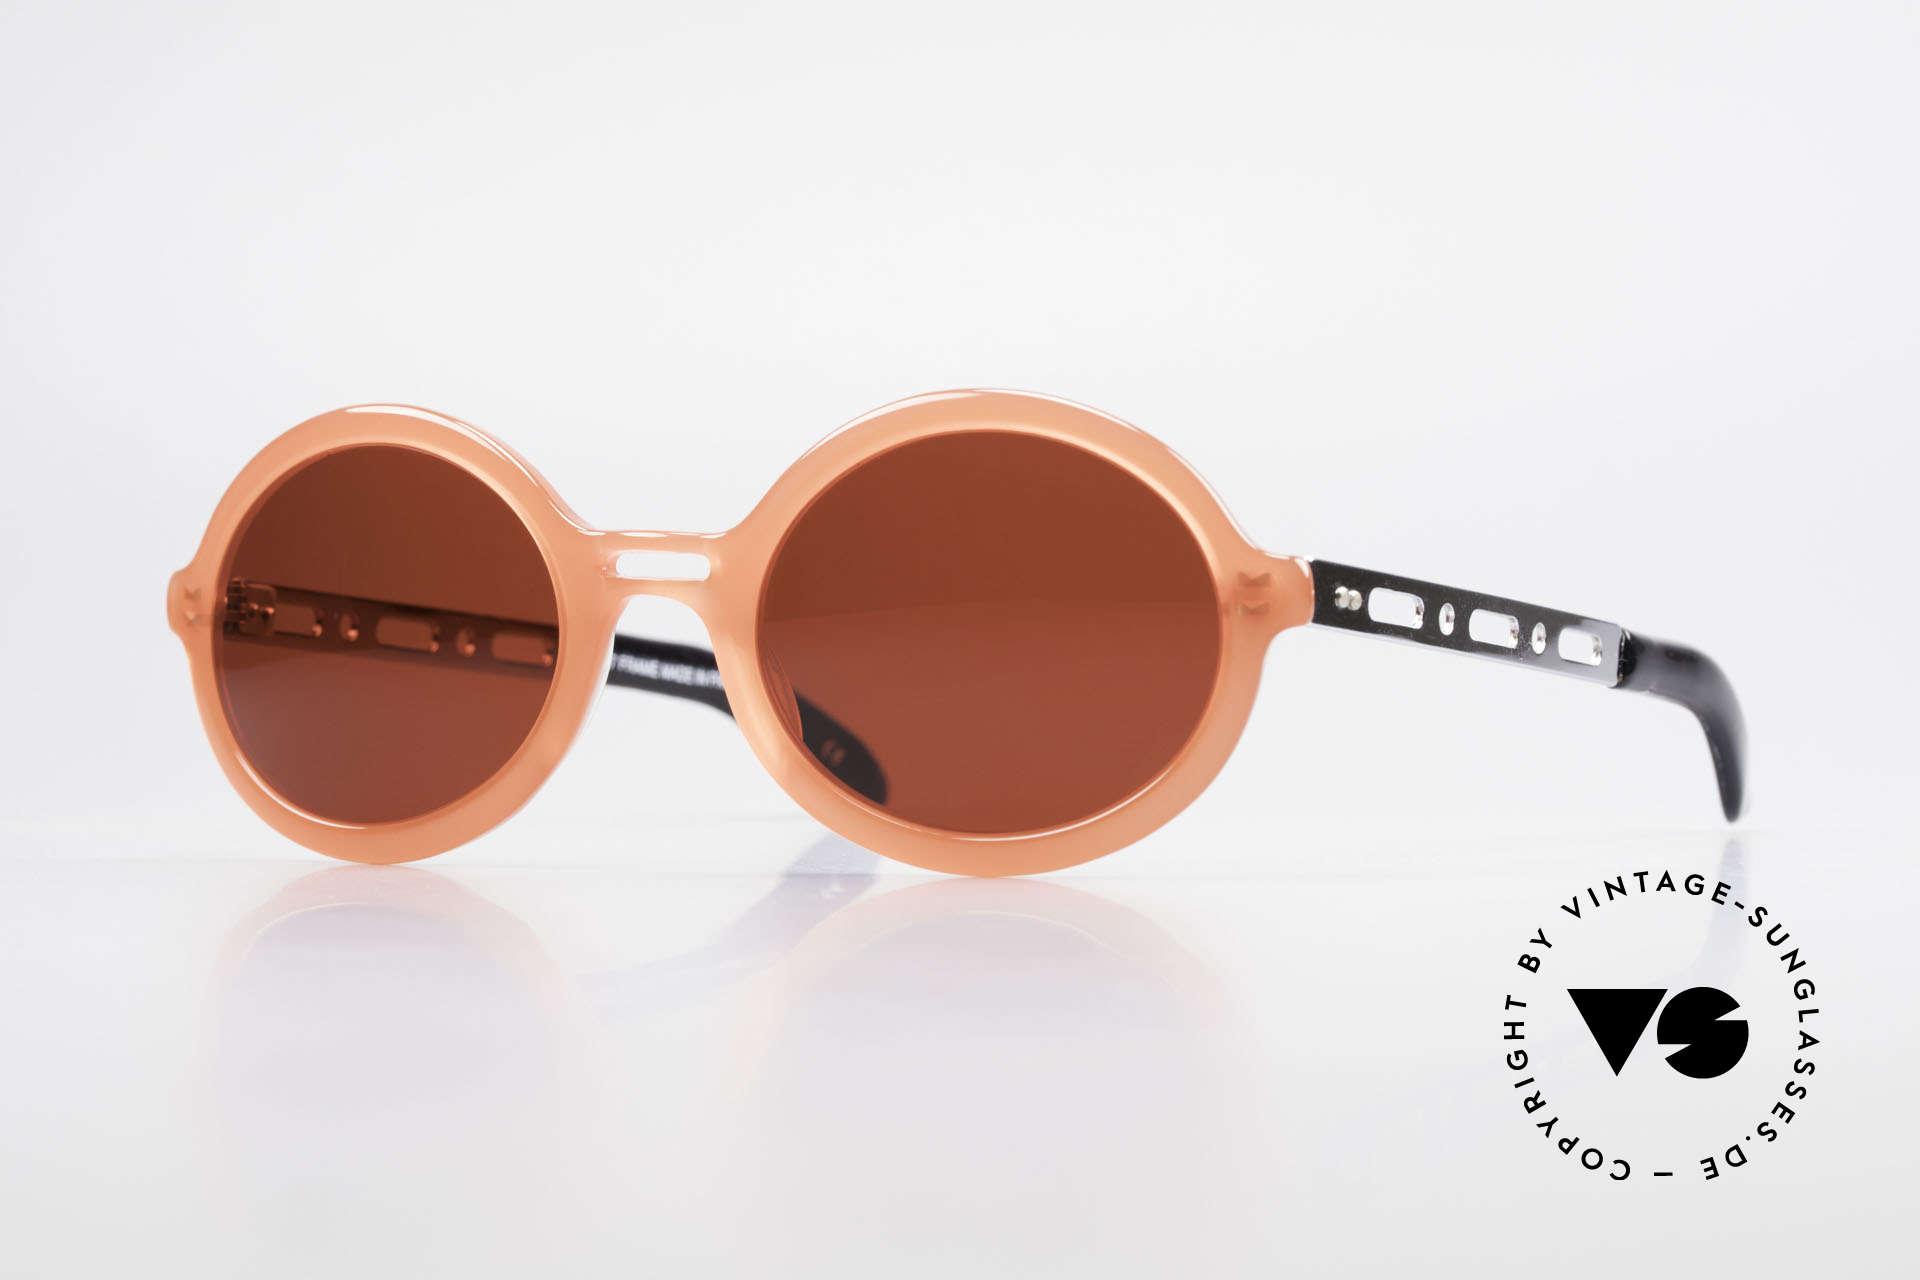 IDC I067 Spassbrille Steampunk 90er, 'spacy' vintage IDC Designer-Sonnenbrille, Frankreich, Passend für Damen